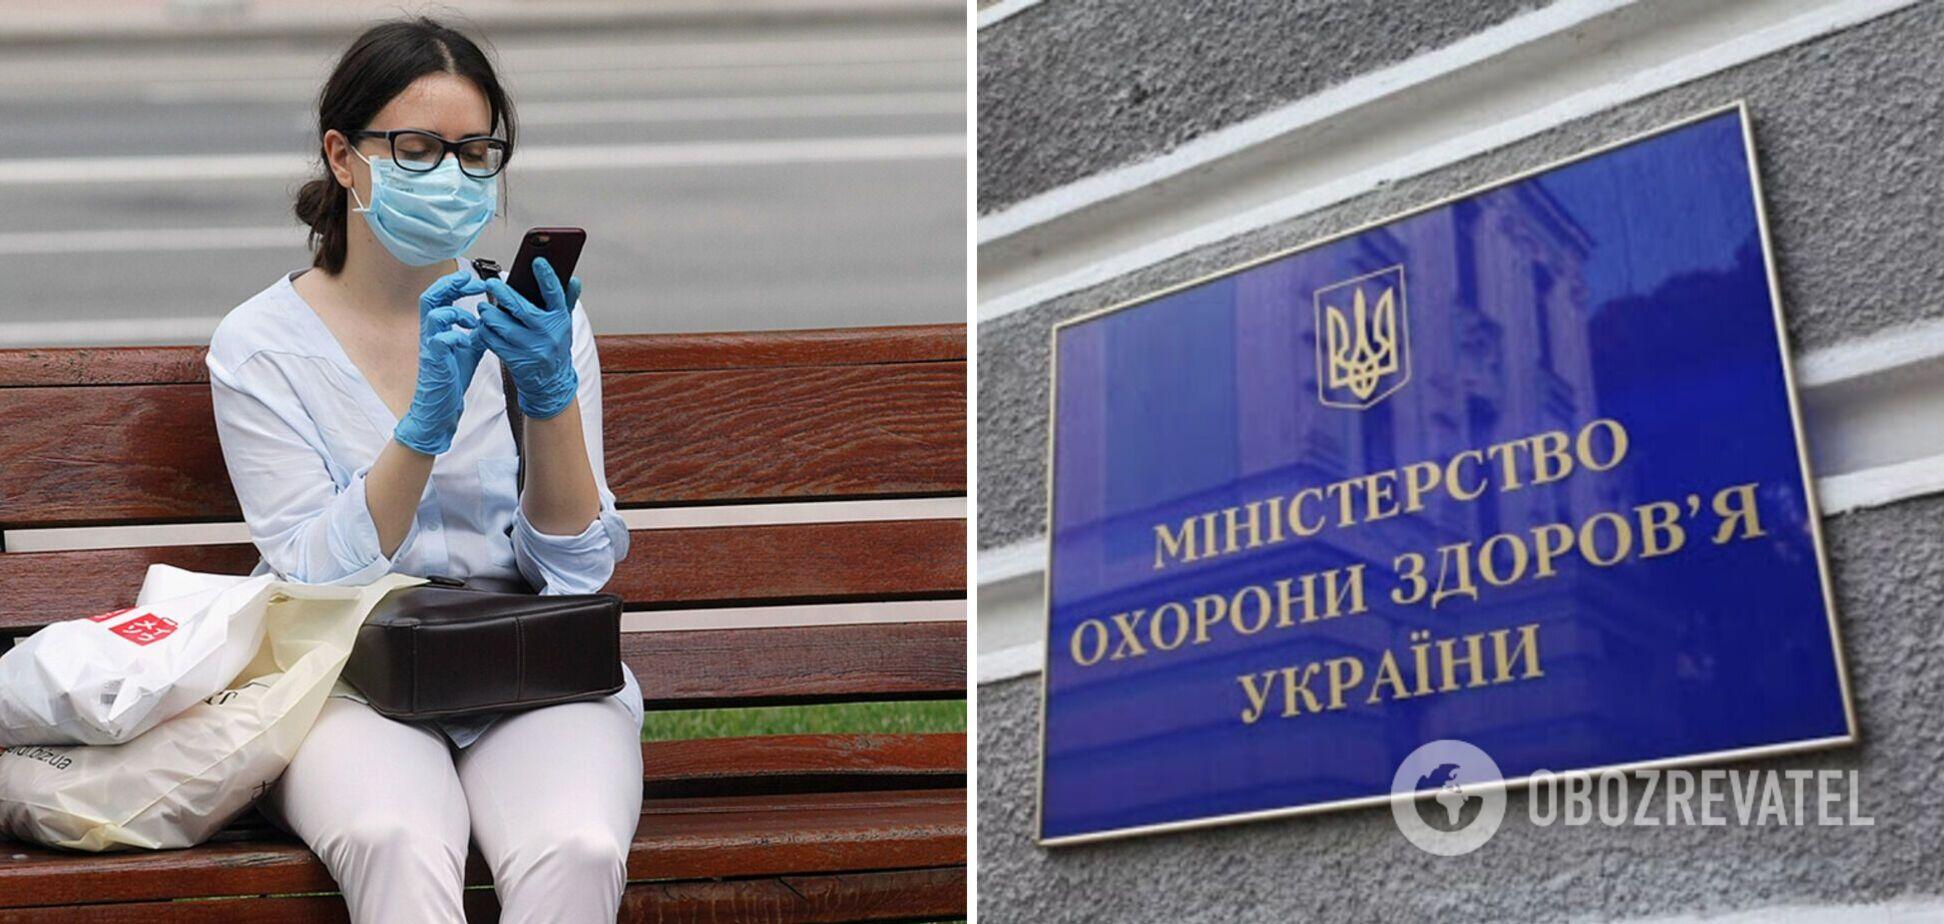 Київська область вийшла за межі показників 'зеленої зони': дані щодо інших регіонів